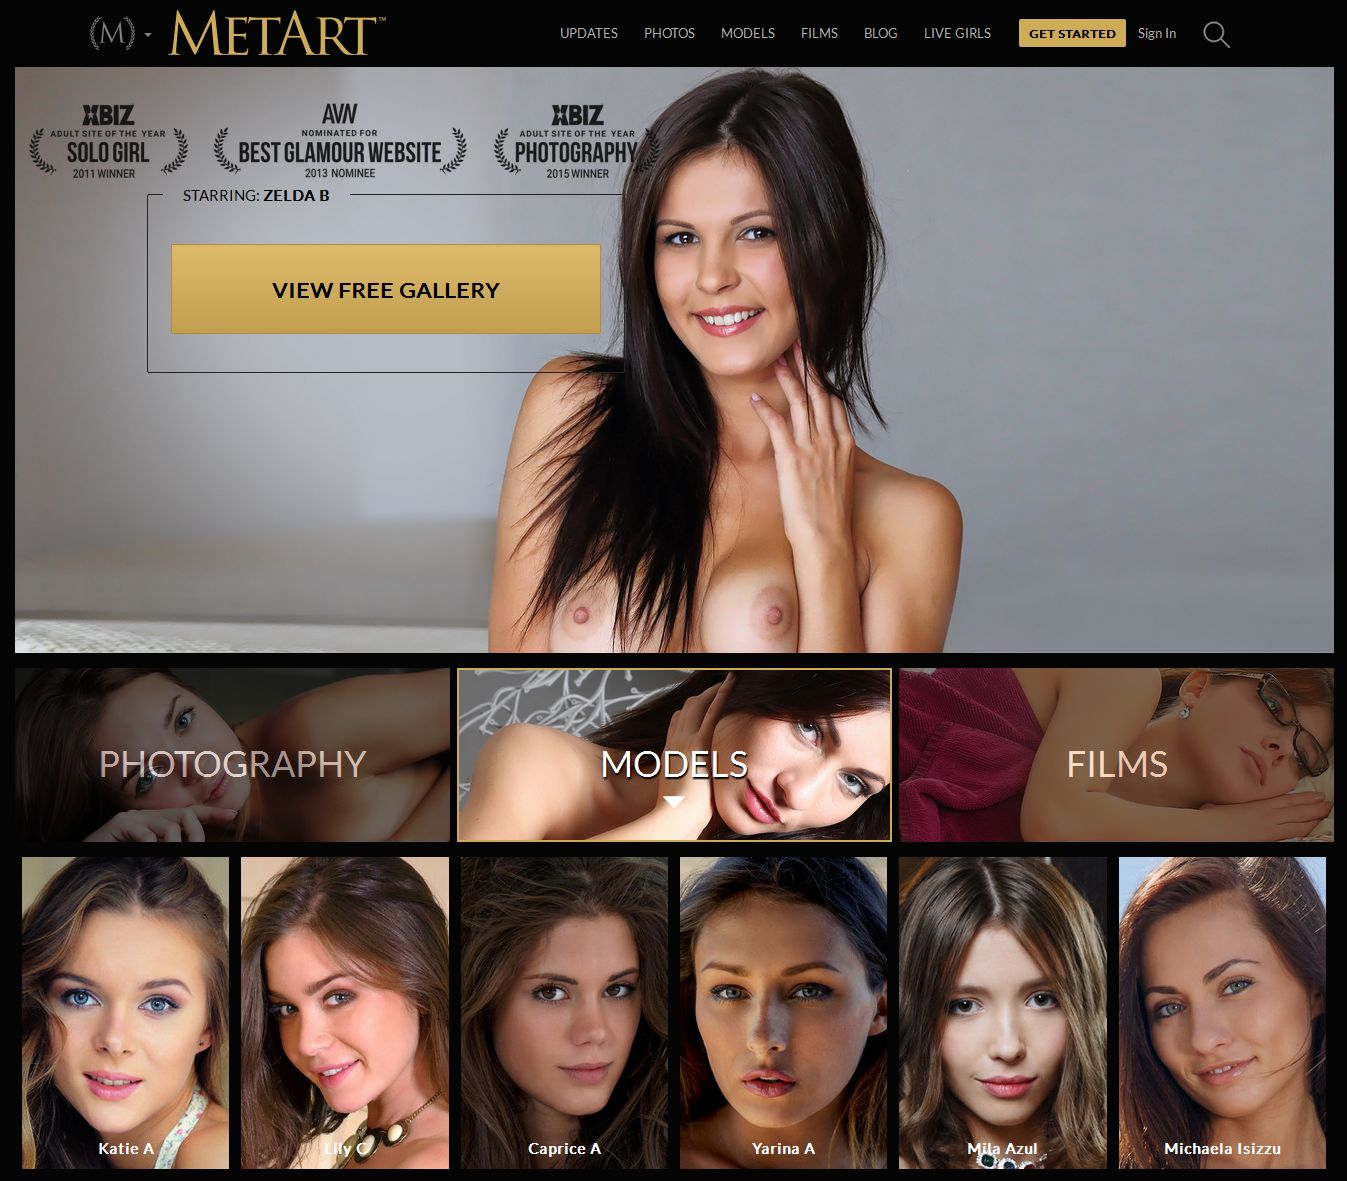 met-art.com